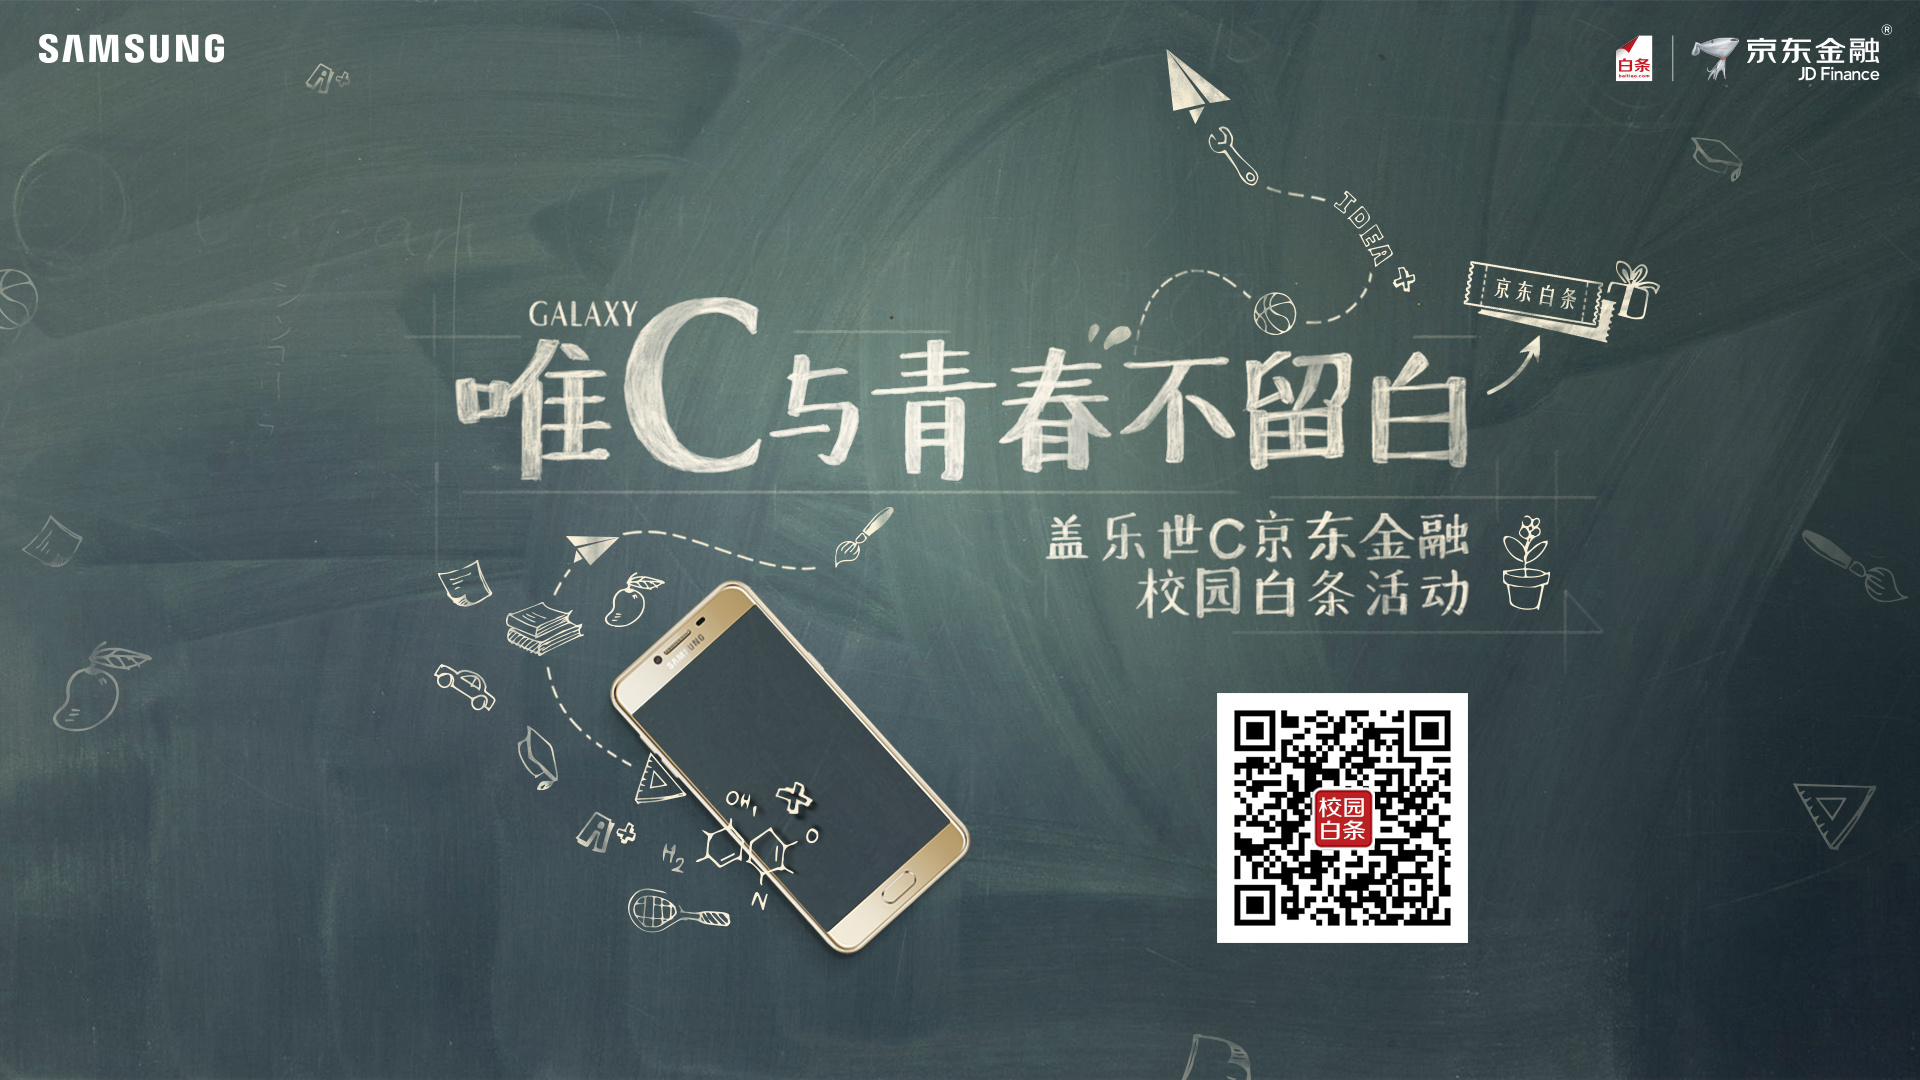 校园产品宣传海报图片